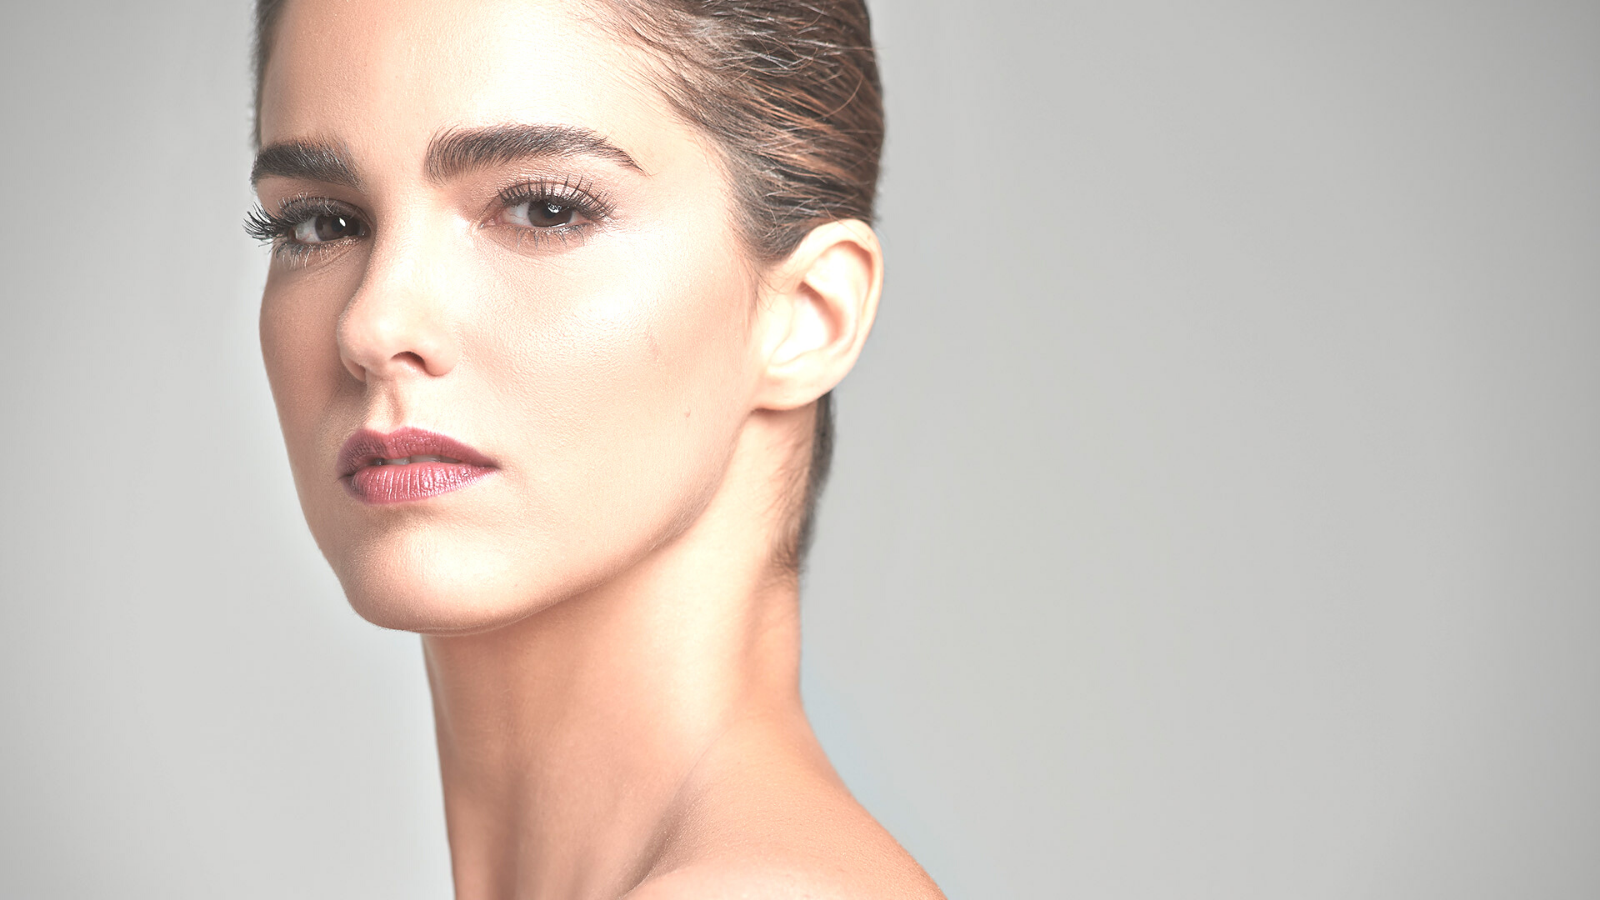 La benévola historia tras las quemaduras de una 'top model'